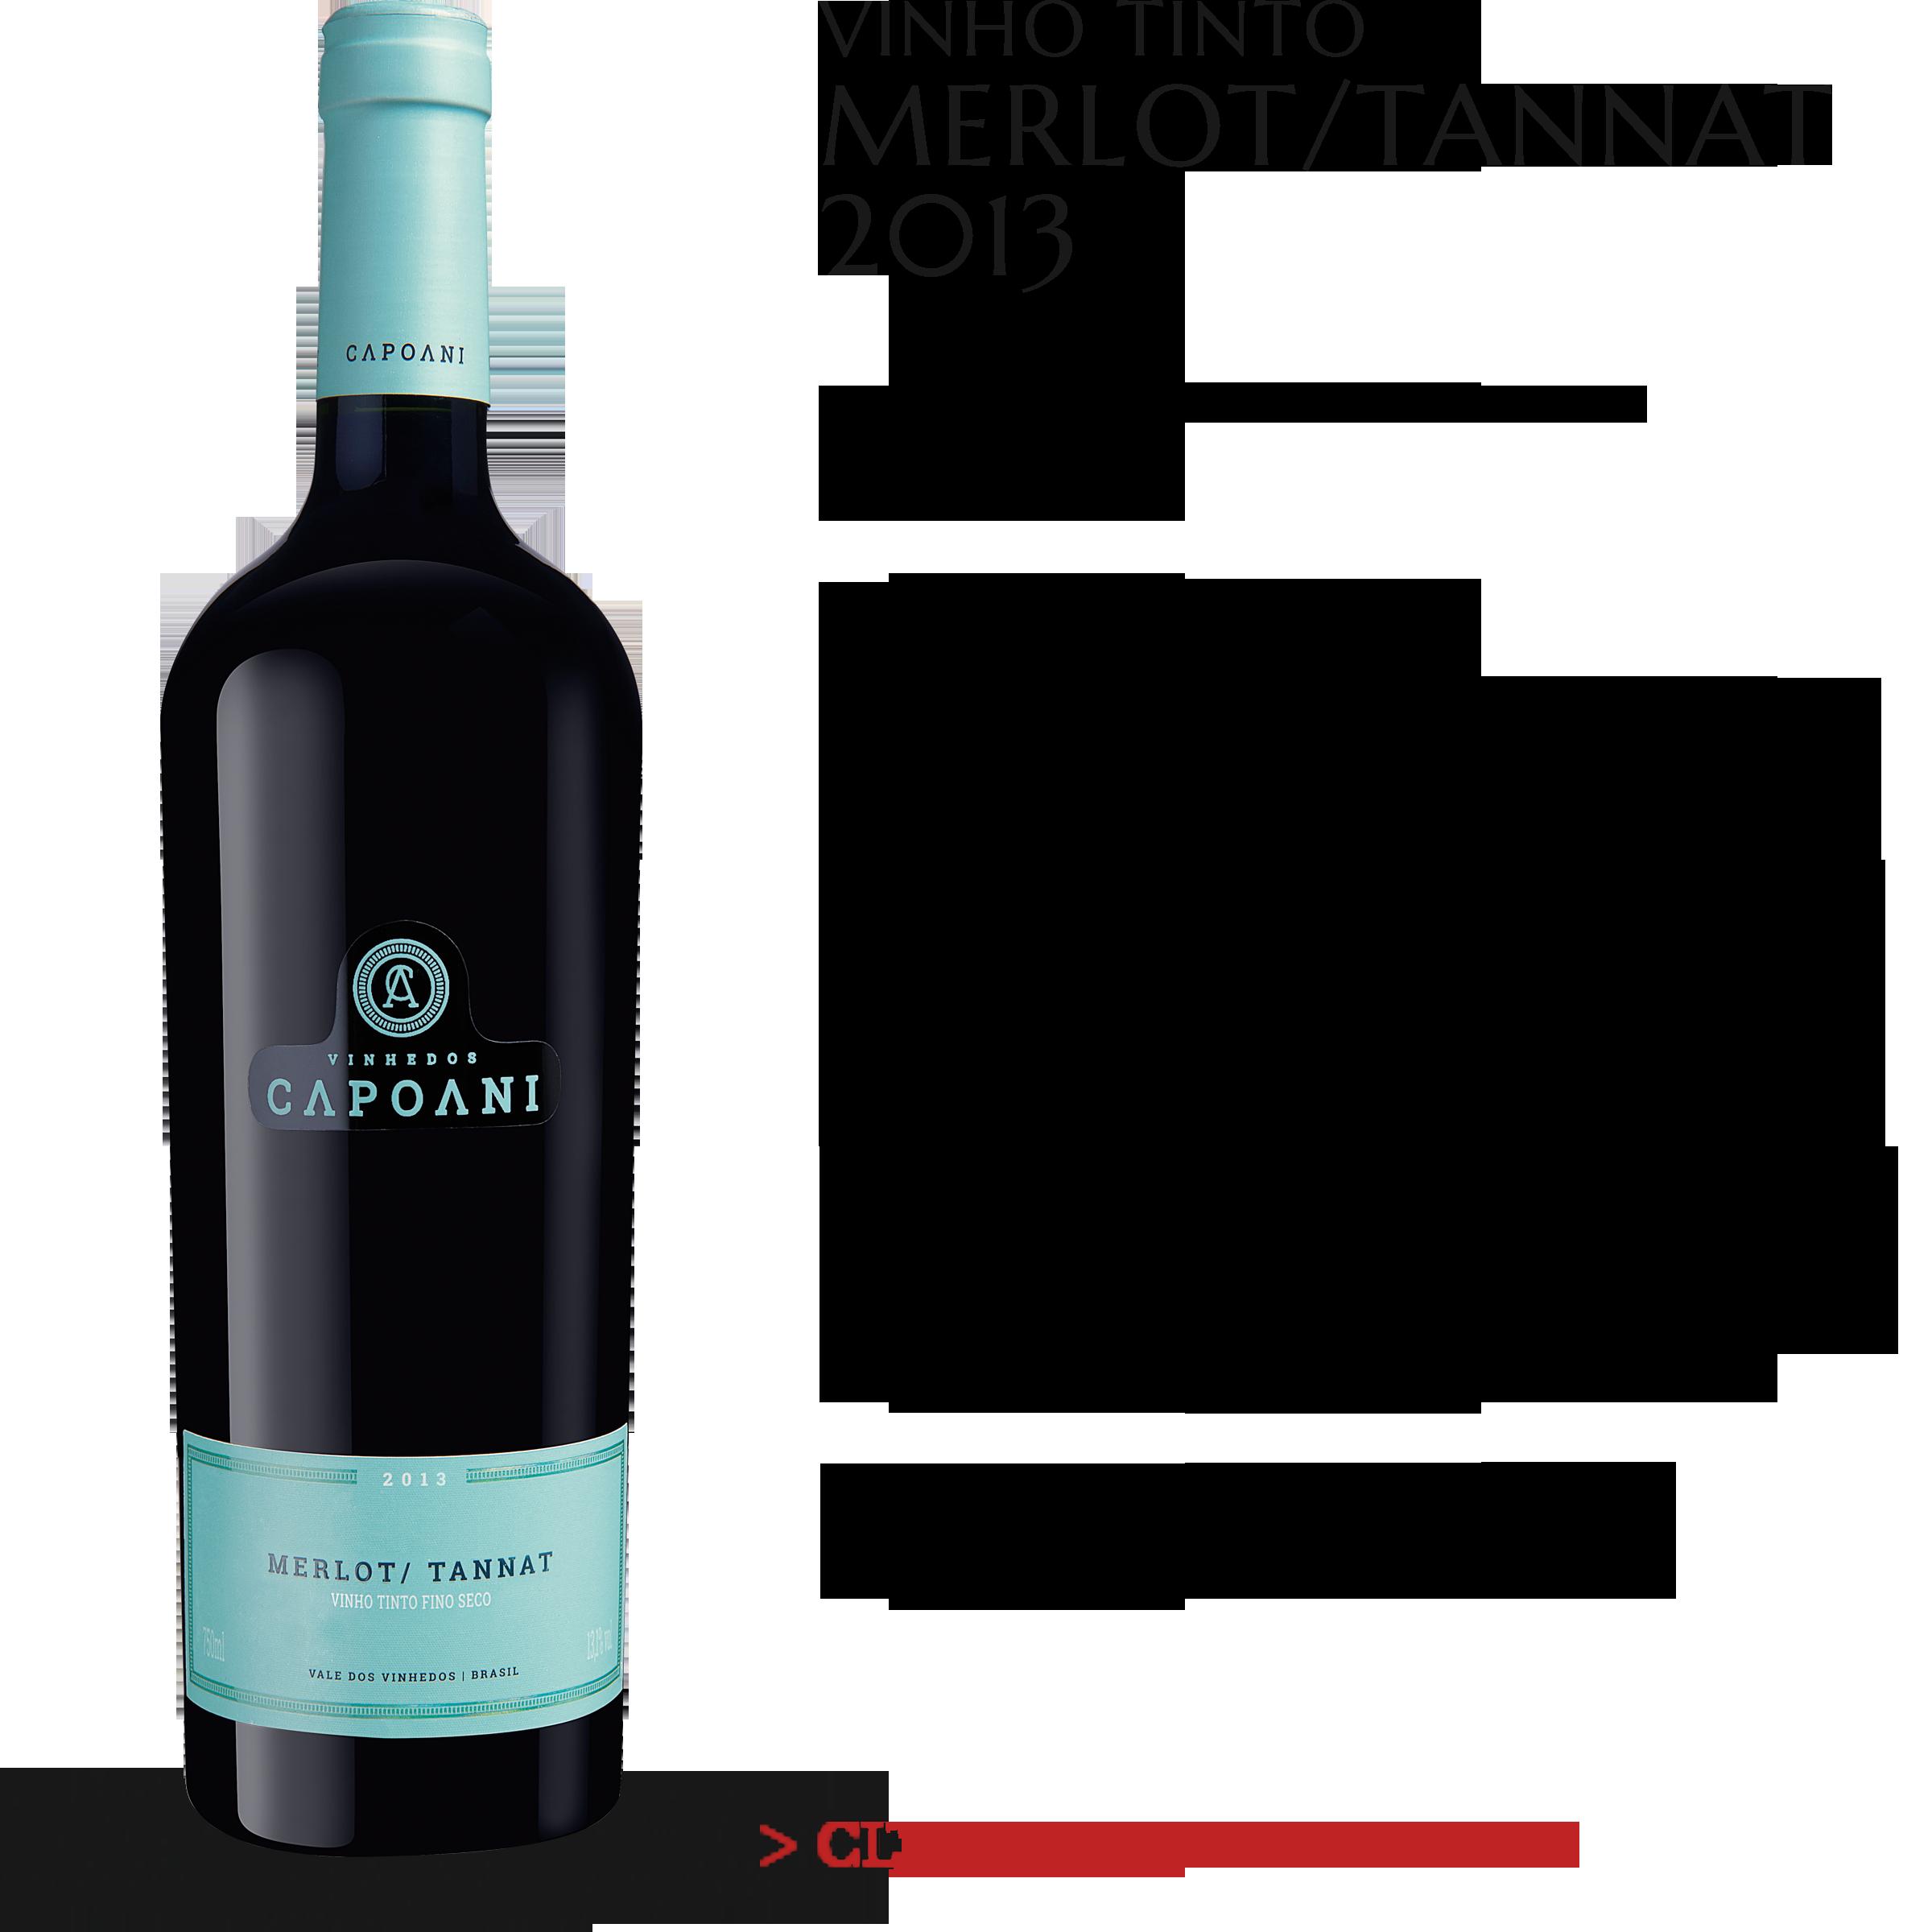 Vinho Tinto Capoani Merlot/Tannat 2013